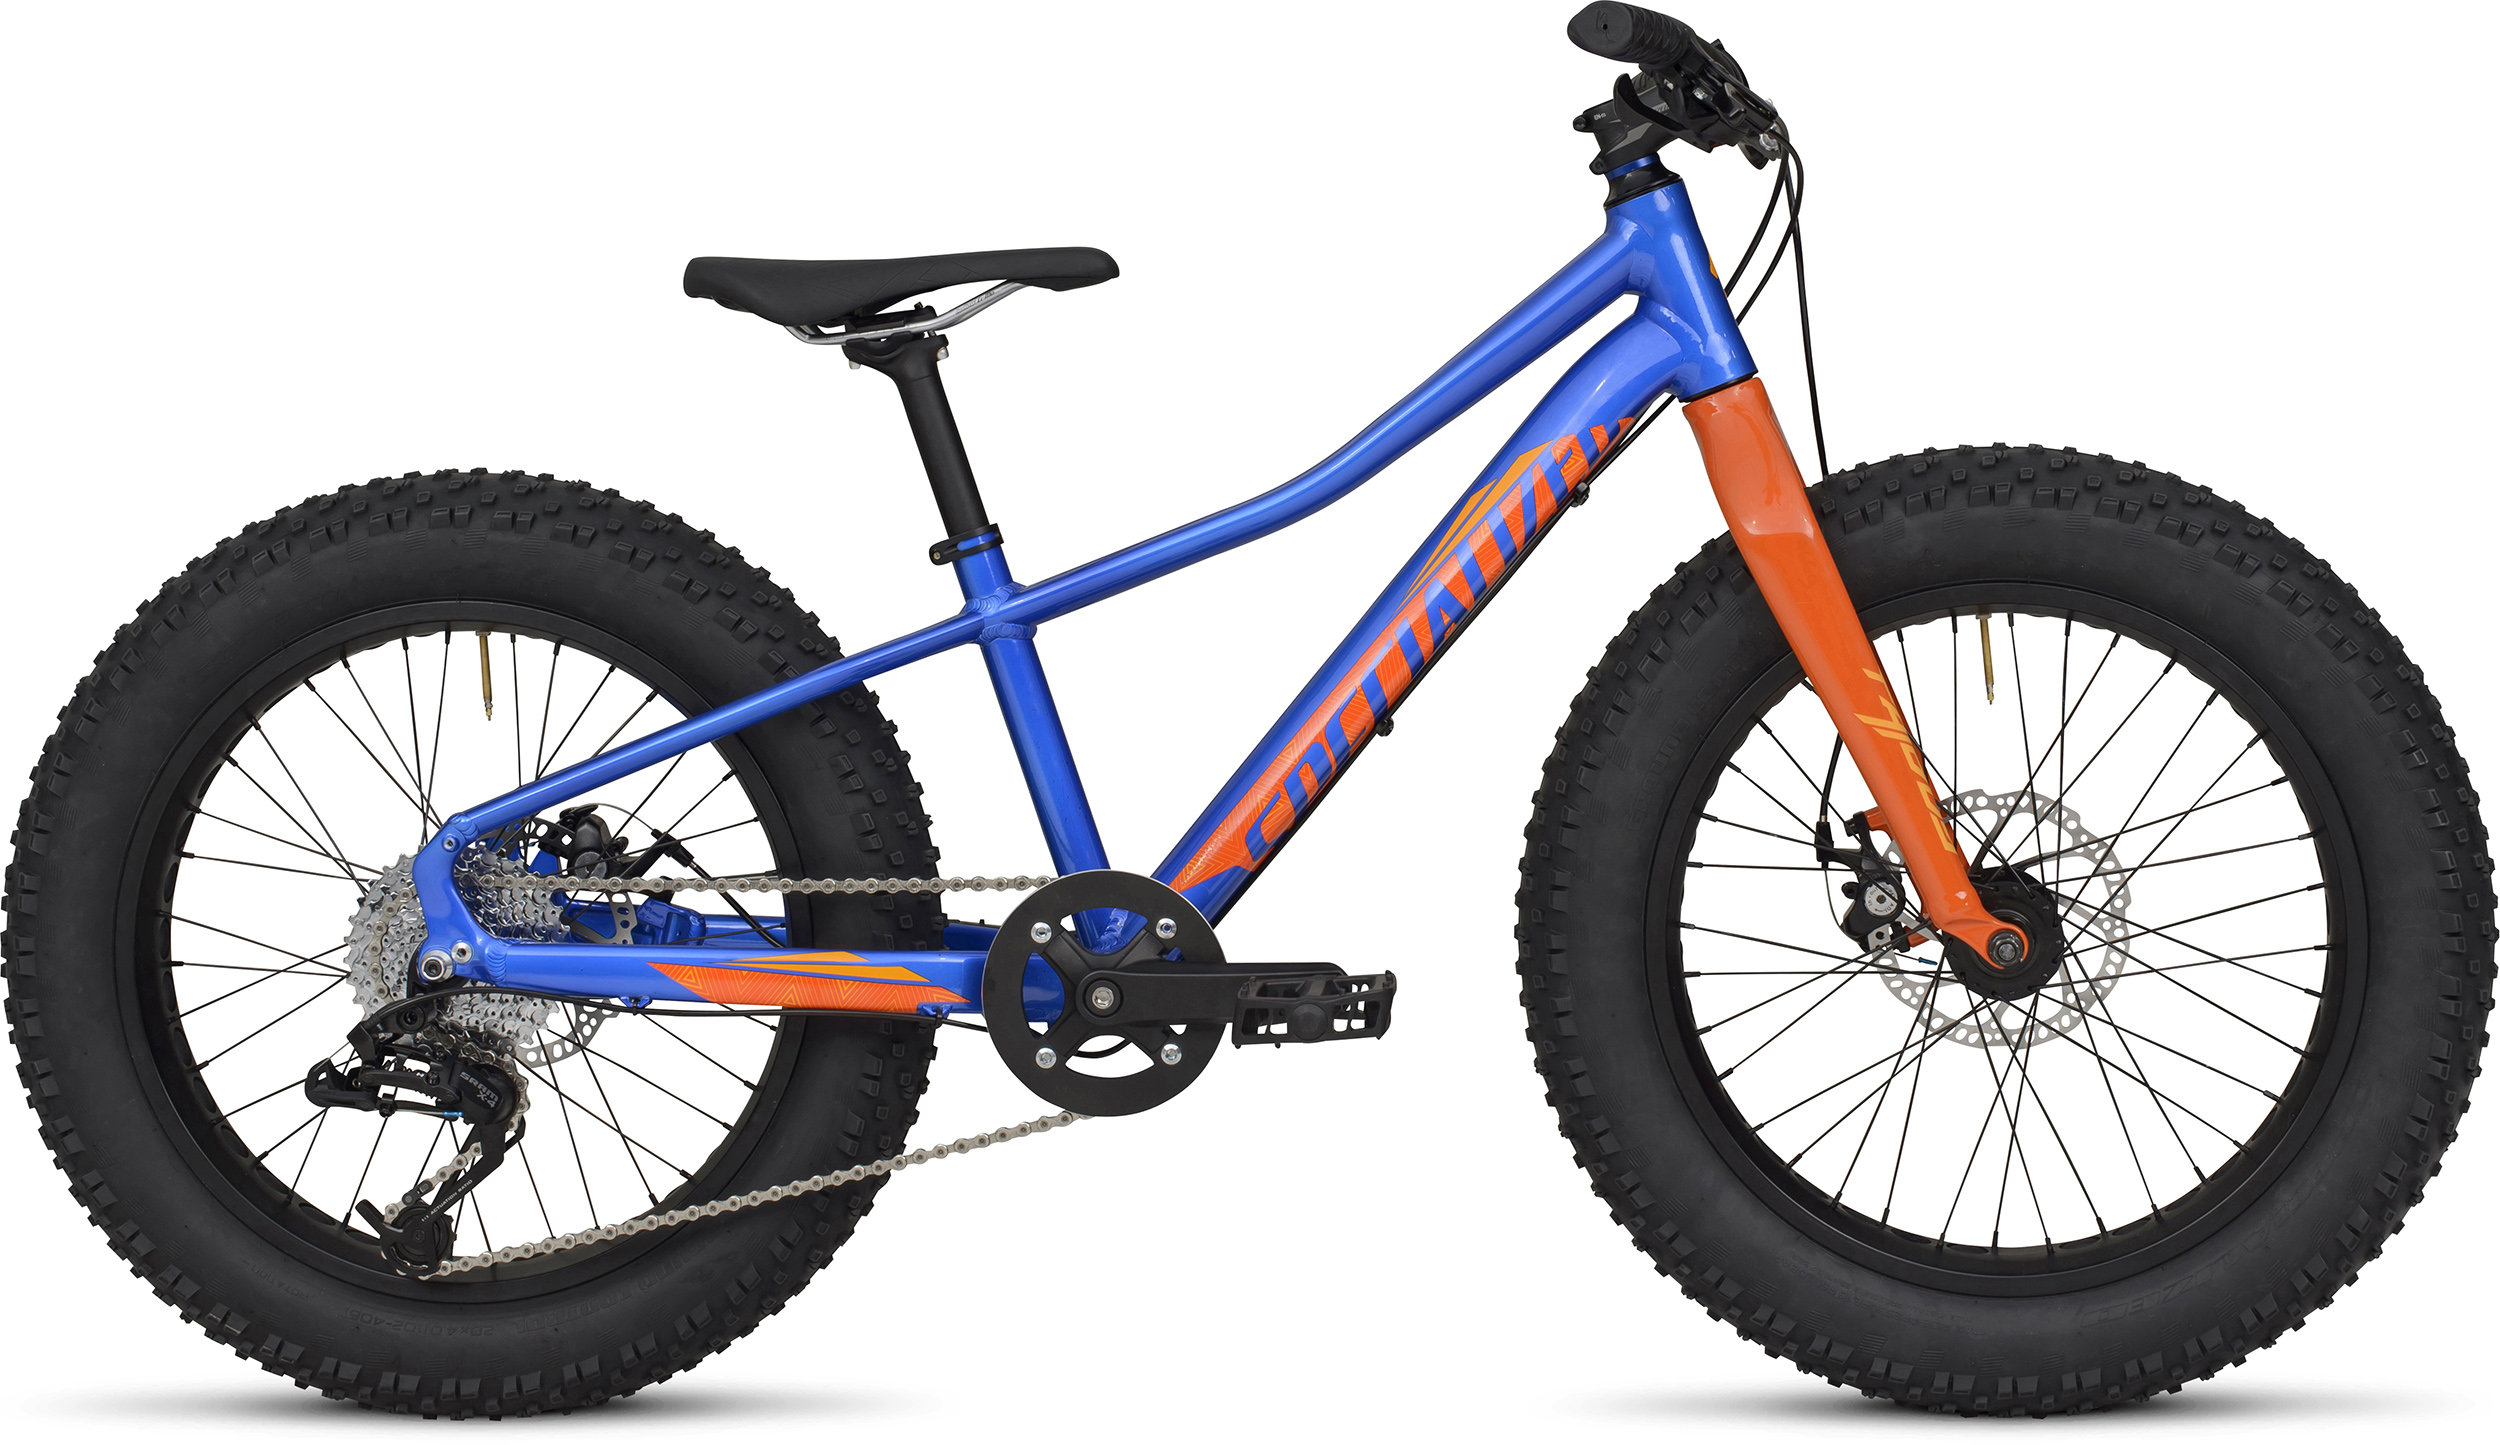 SPECIALIZED FATBOY 20 RYL BLU/MOTO ORG/GAL ORG 11 - Pulsschlag Bike+Sport